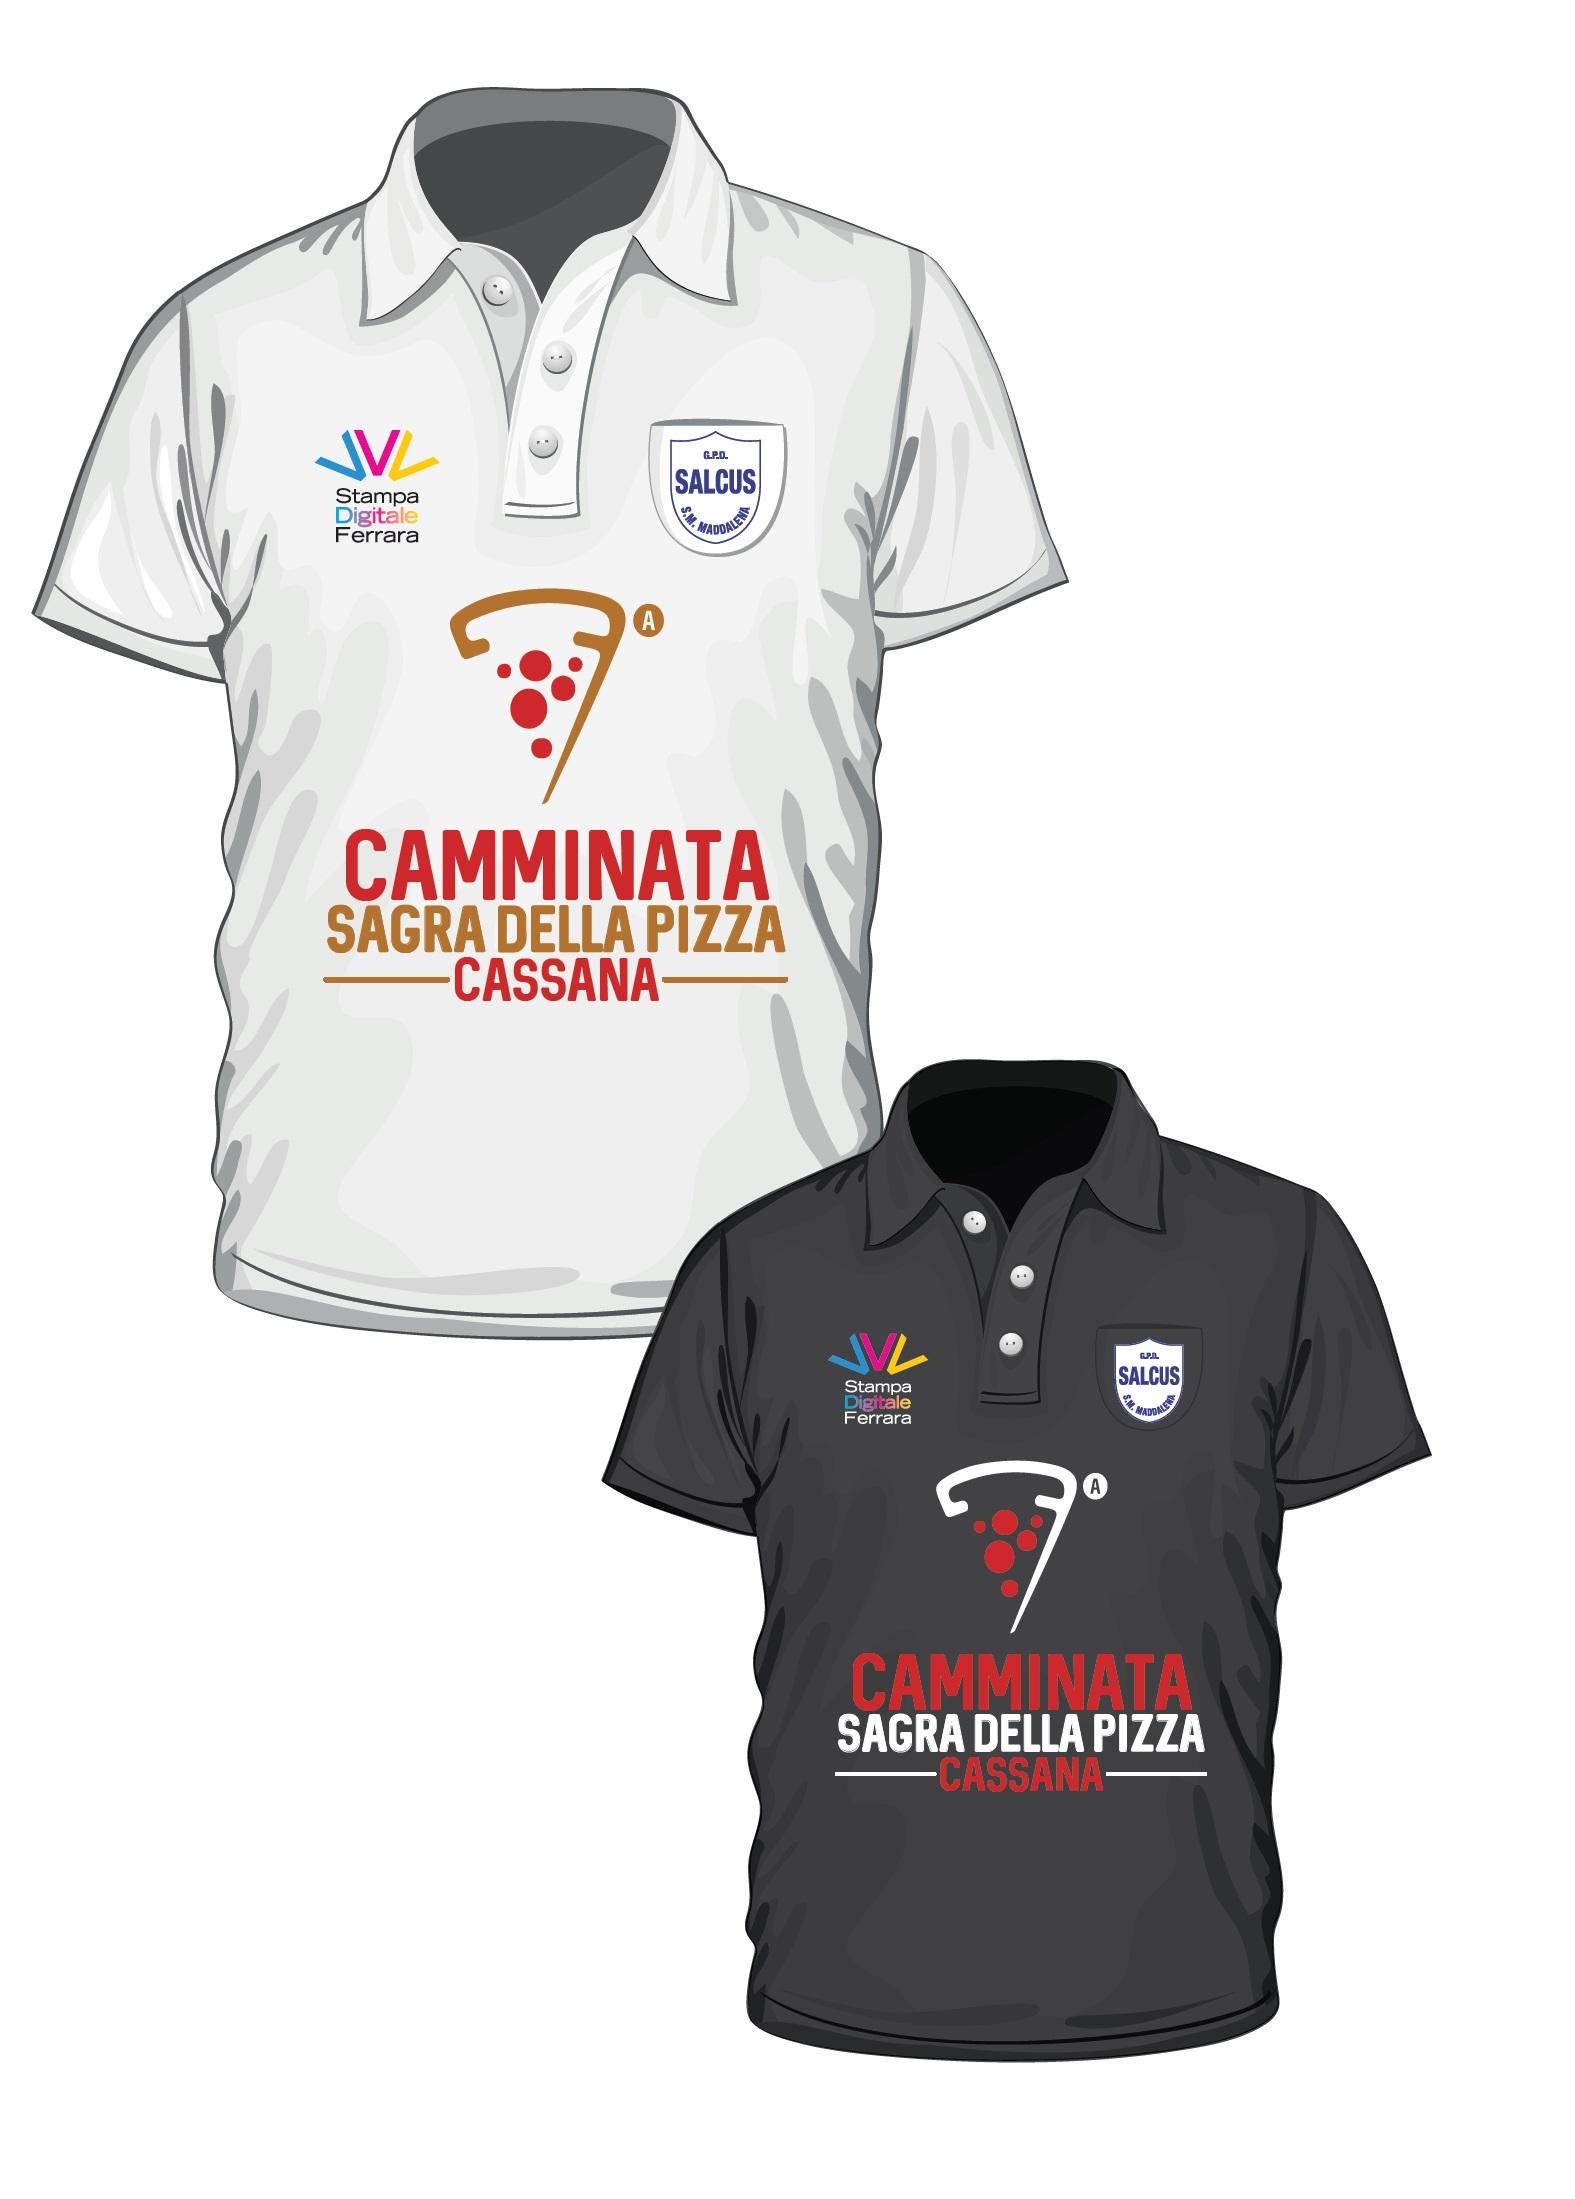 Novità per la settima edizione della Camminata Sagra della Pizza